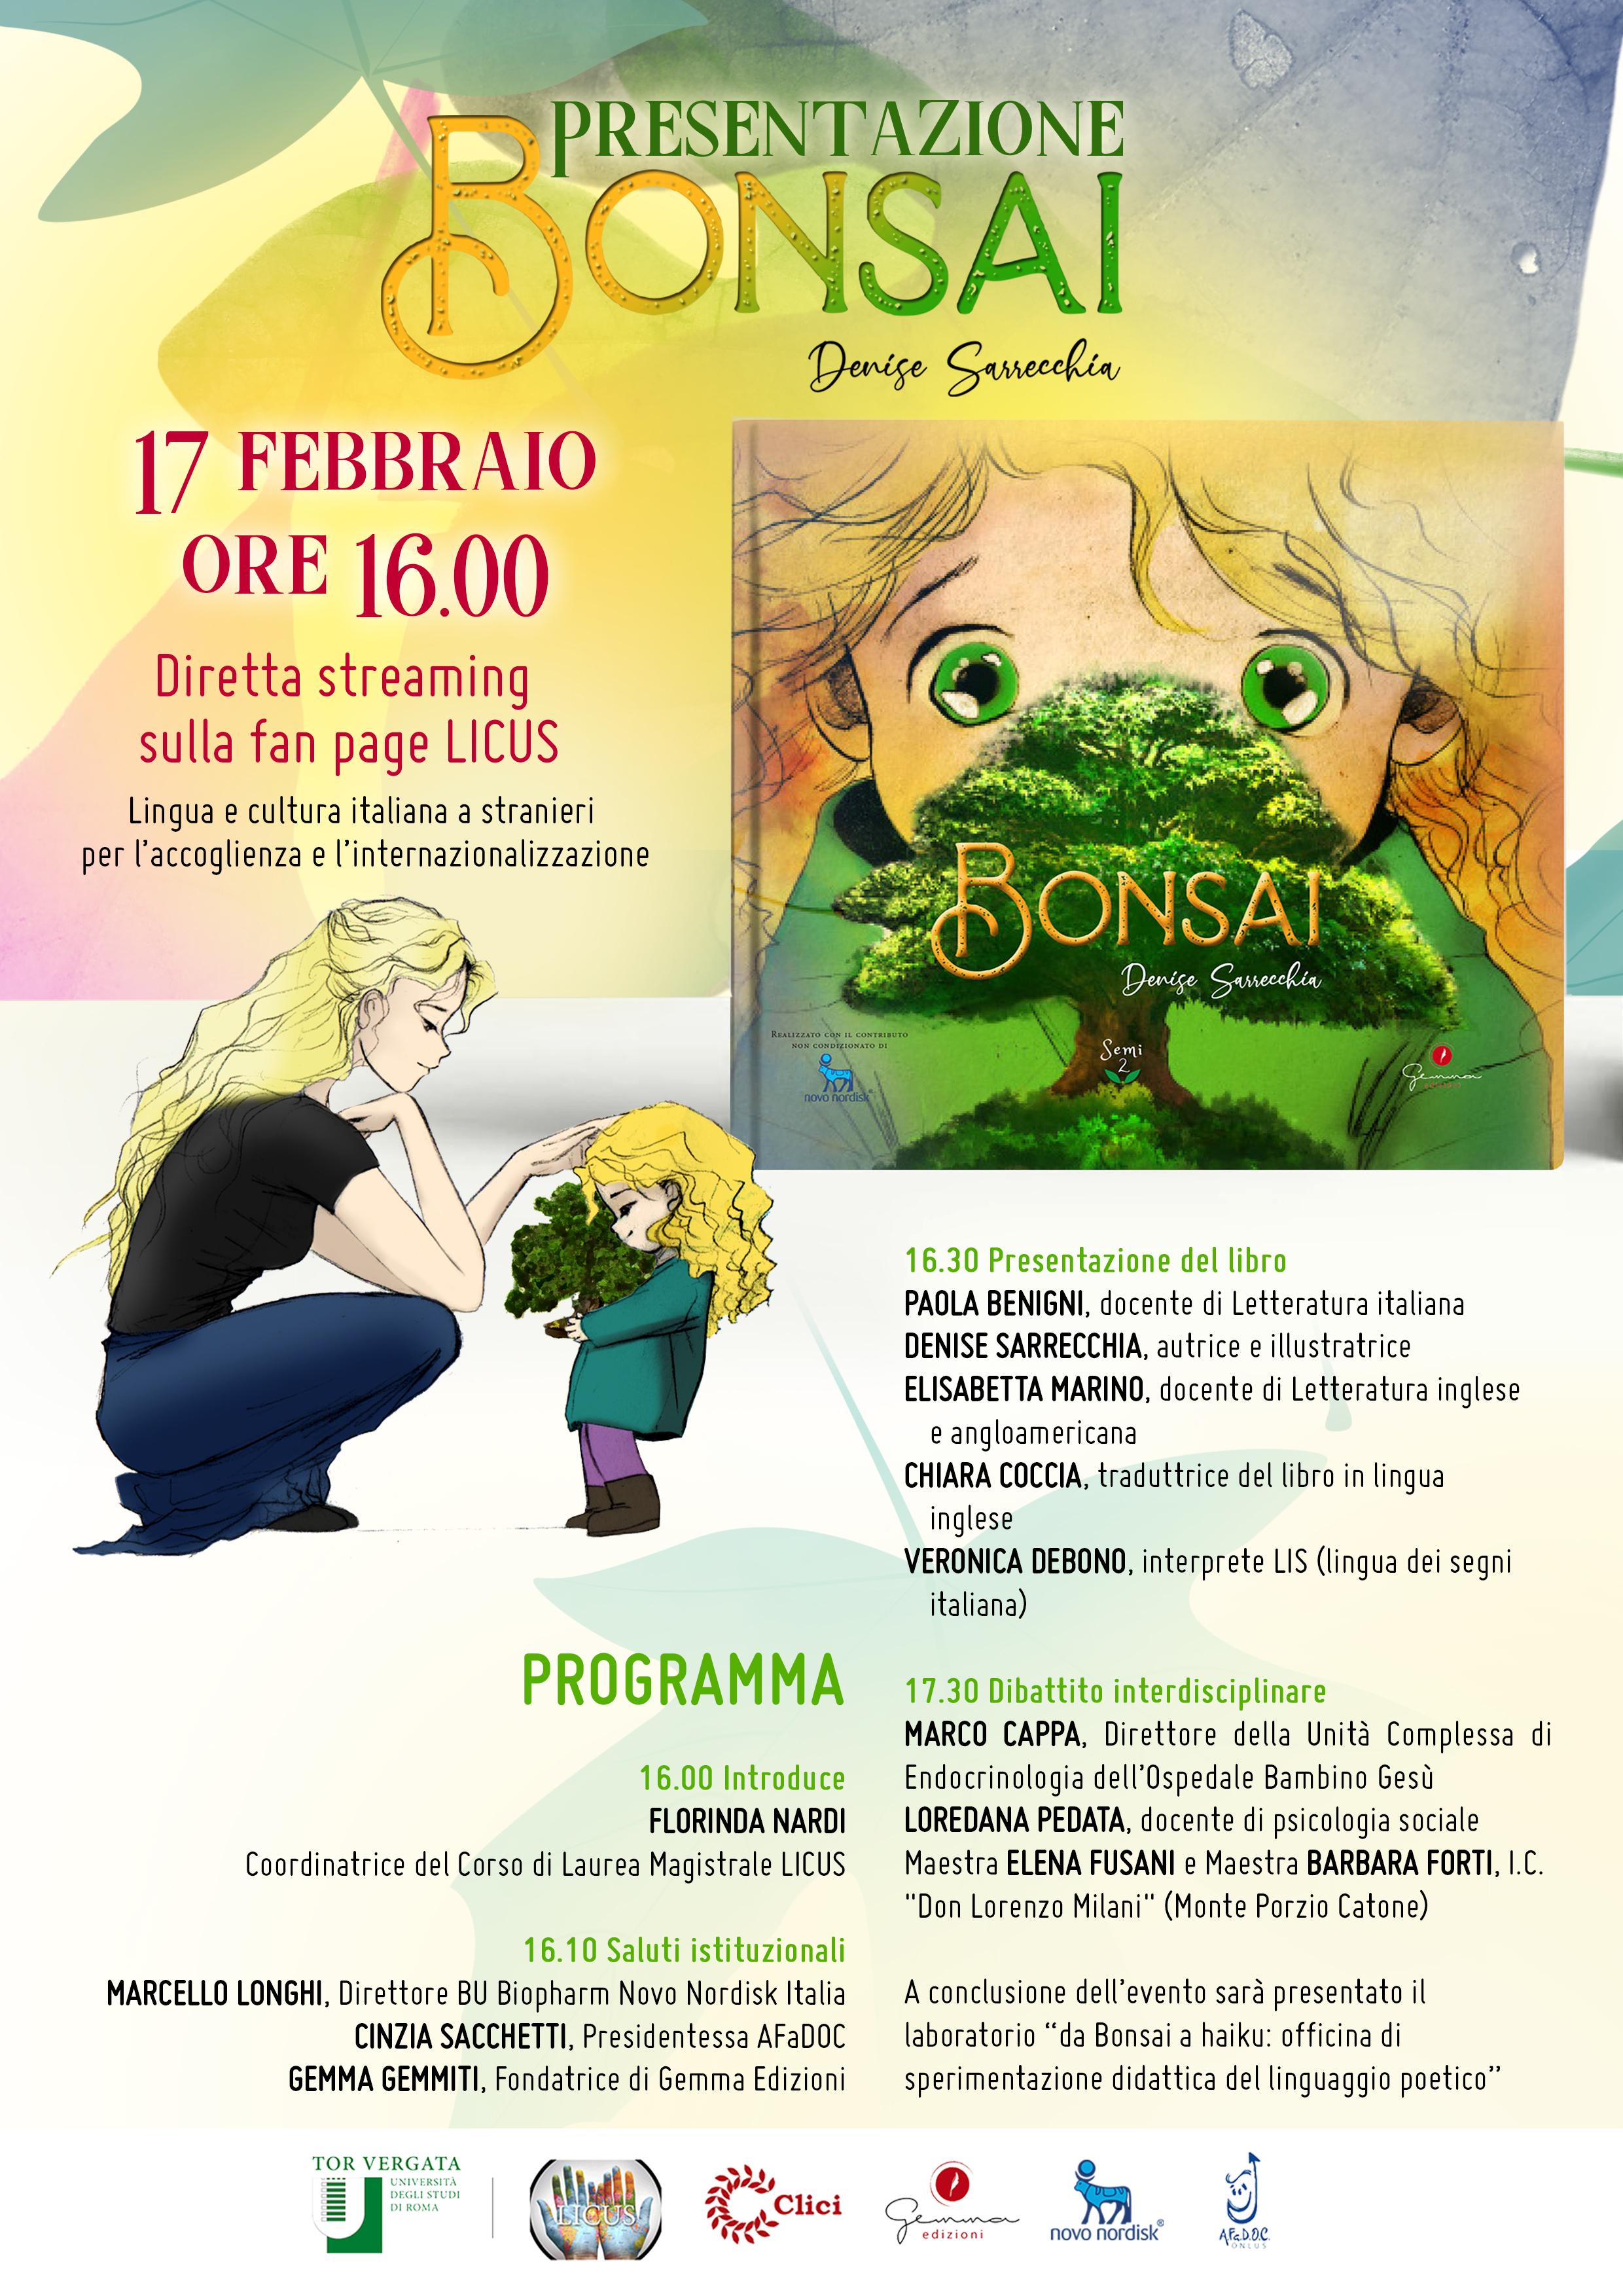 """Presentazione del libro """"Bonsai"""" 17 febbraio ore 16.00 Diretta streaming sulla fan page LICUS"""